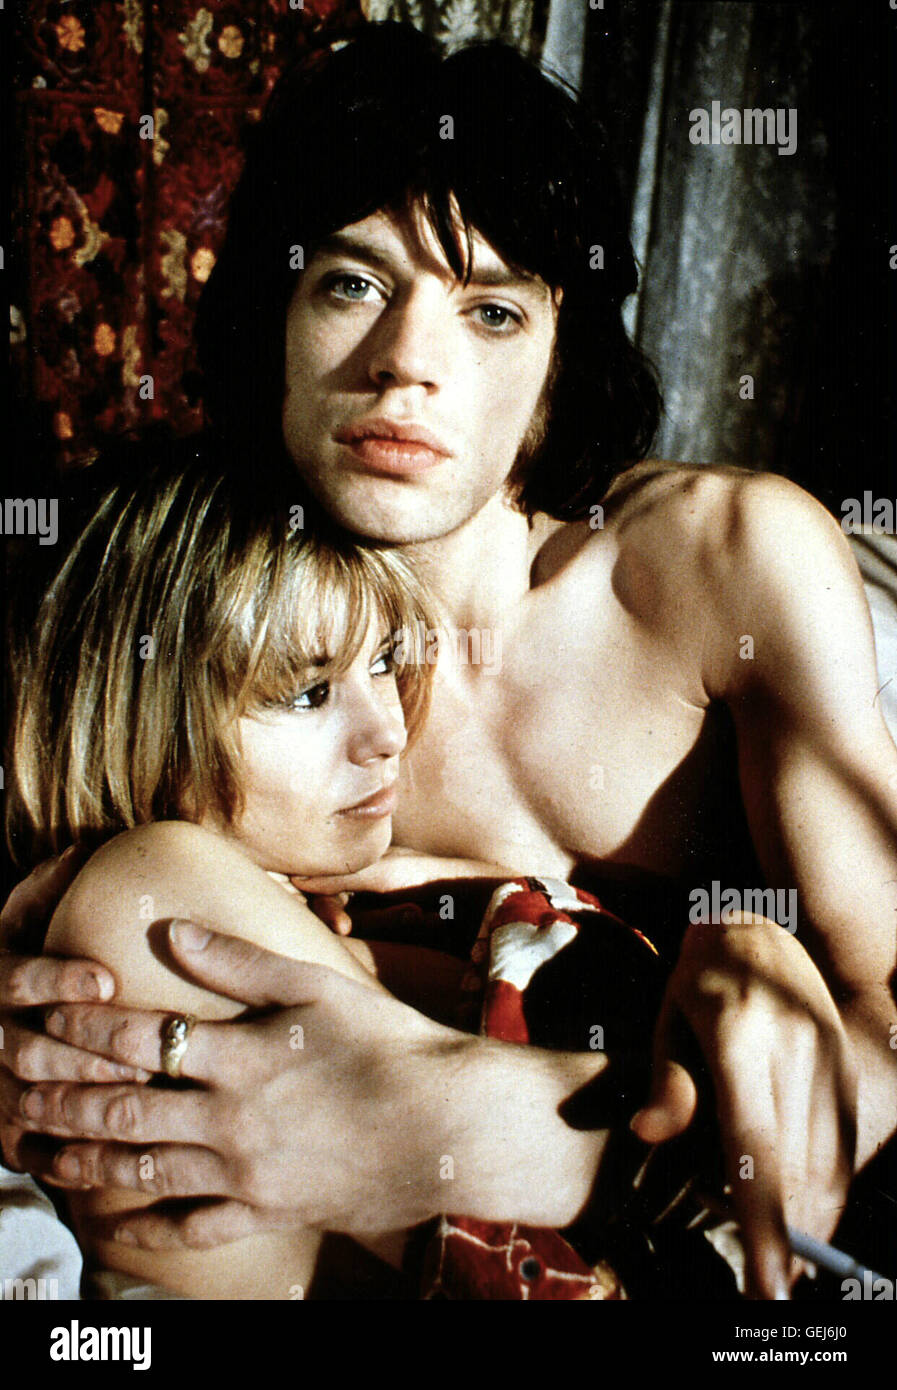 Anita Pallenberg, Mick Jagger Pherben (Anita Pallenberg), Turner (Mick Jagger)  *** Local Caption *** 1970, Performance, - Stock Image